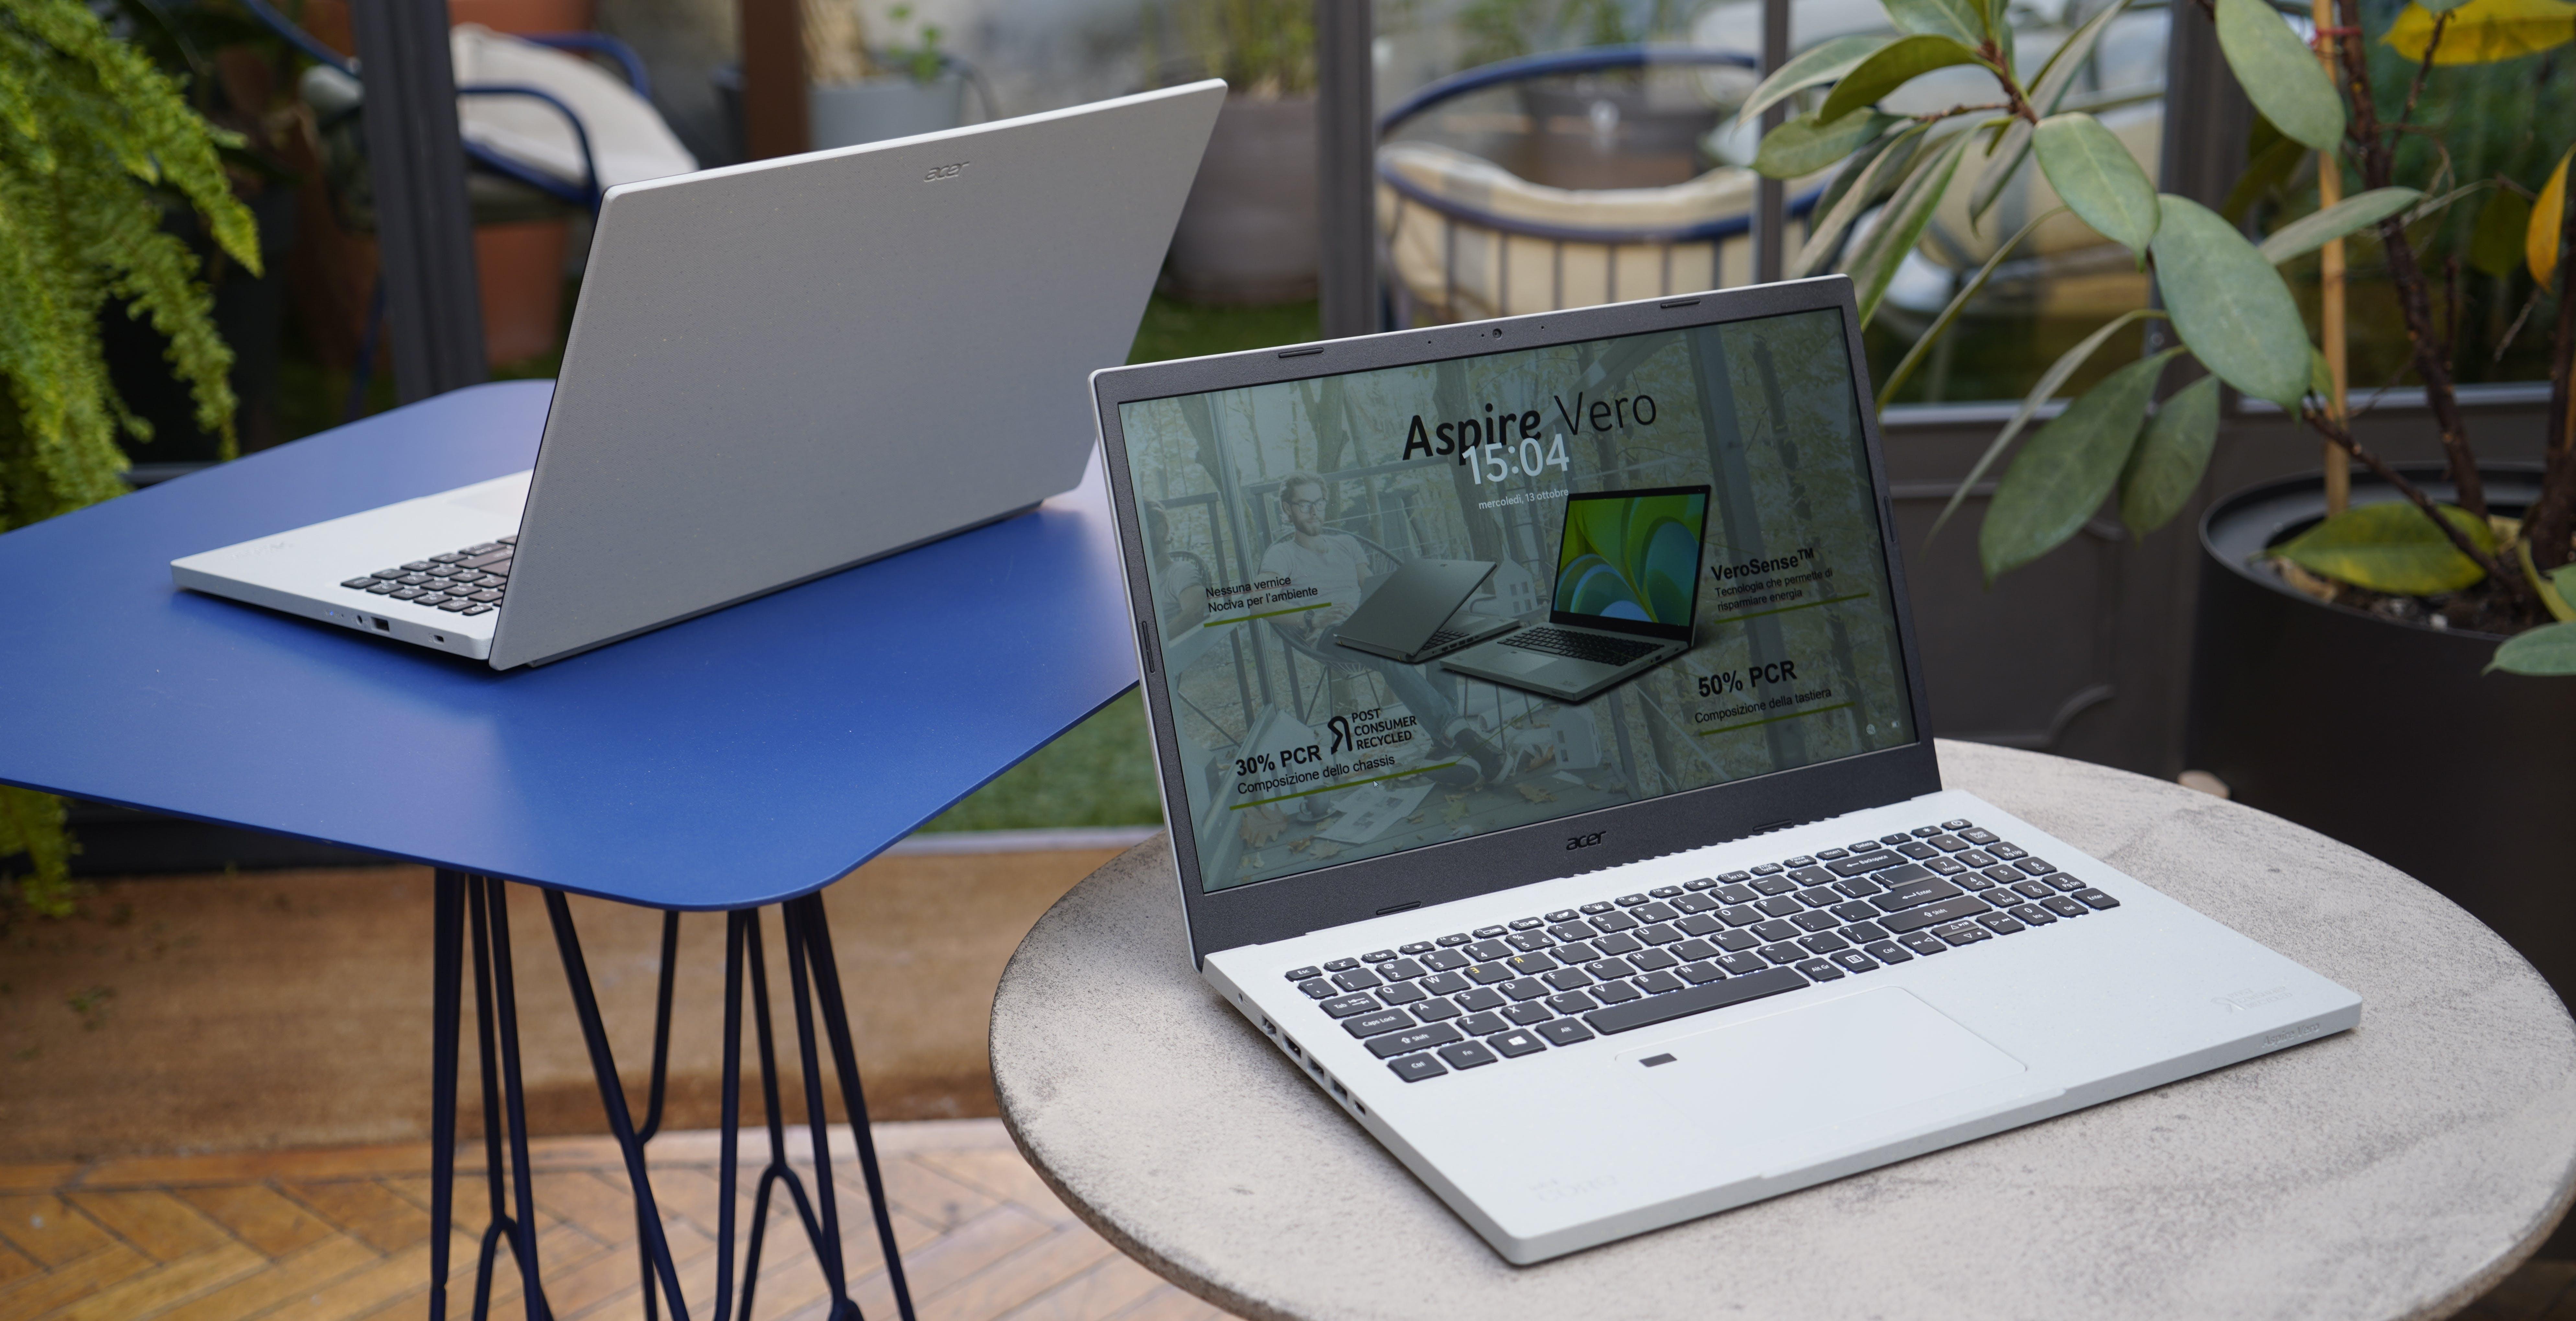 Aspire Vero di Acer è un notebook realizzato con materiali riciclati, dalla tastiera alla scocca